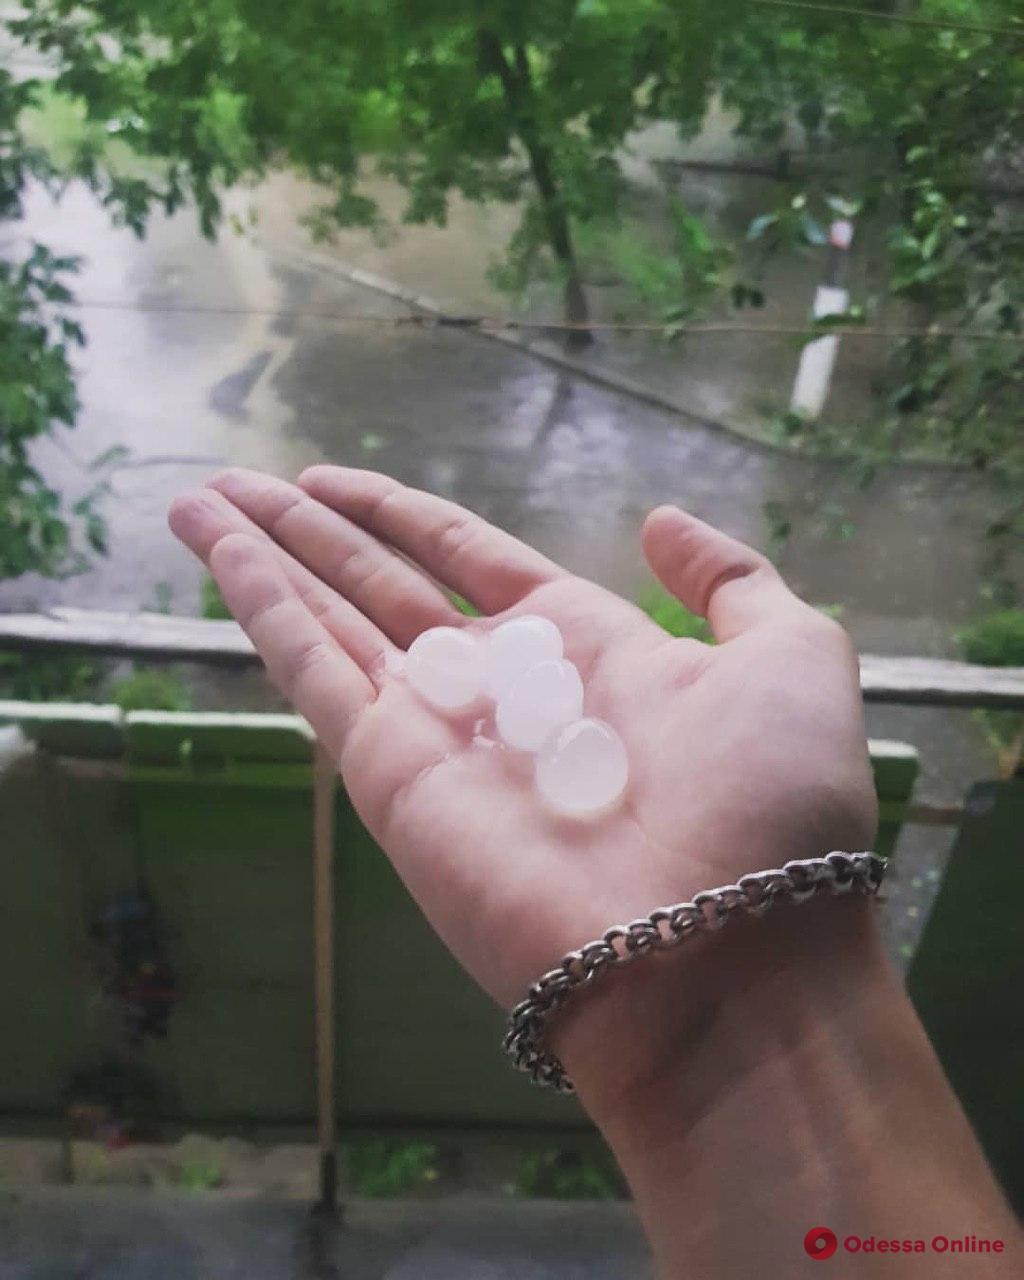 На Измаил обрушился сильный ливень с градом (видео, обновлено)